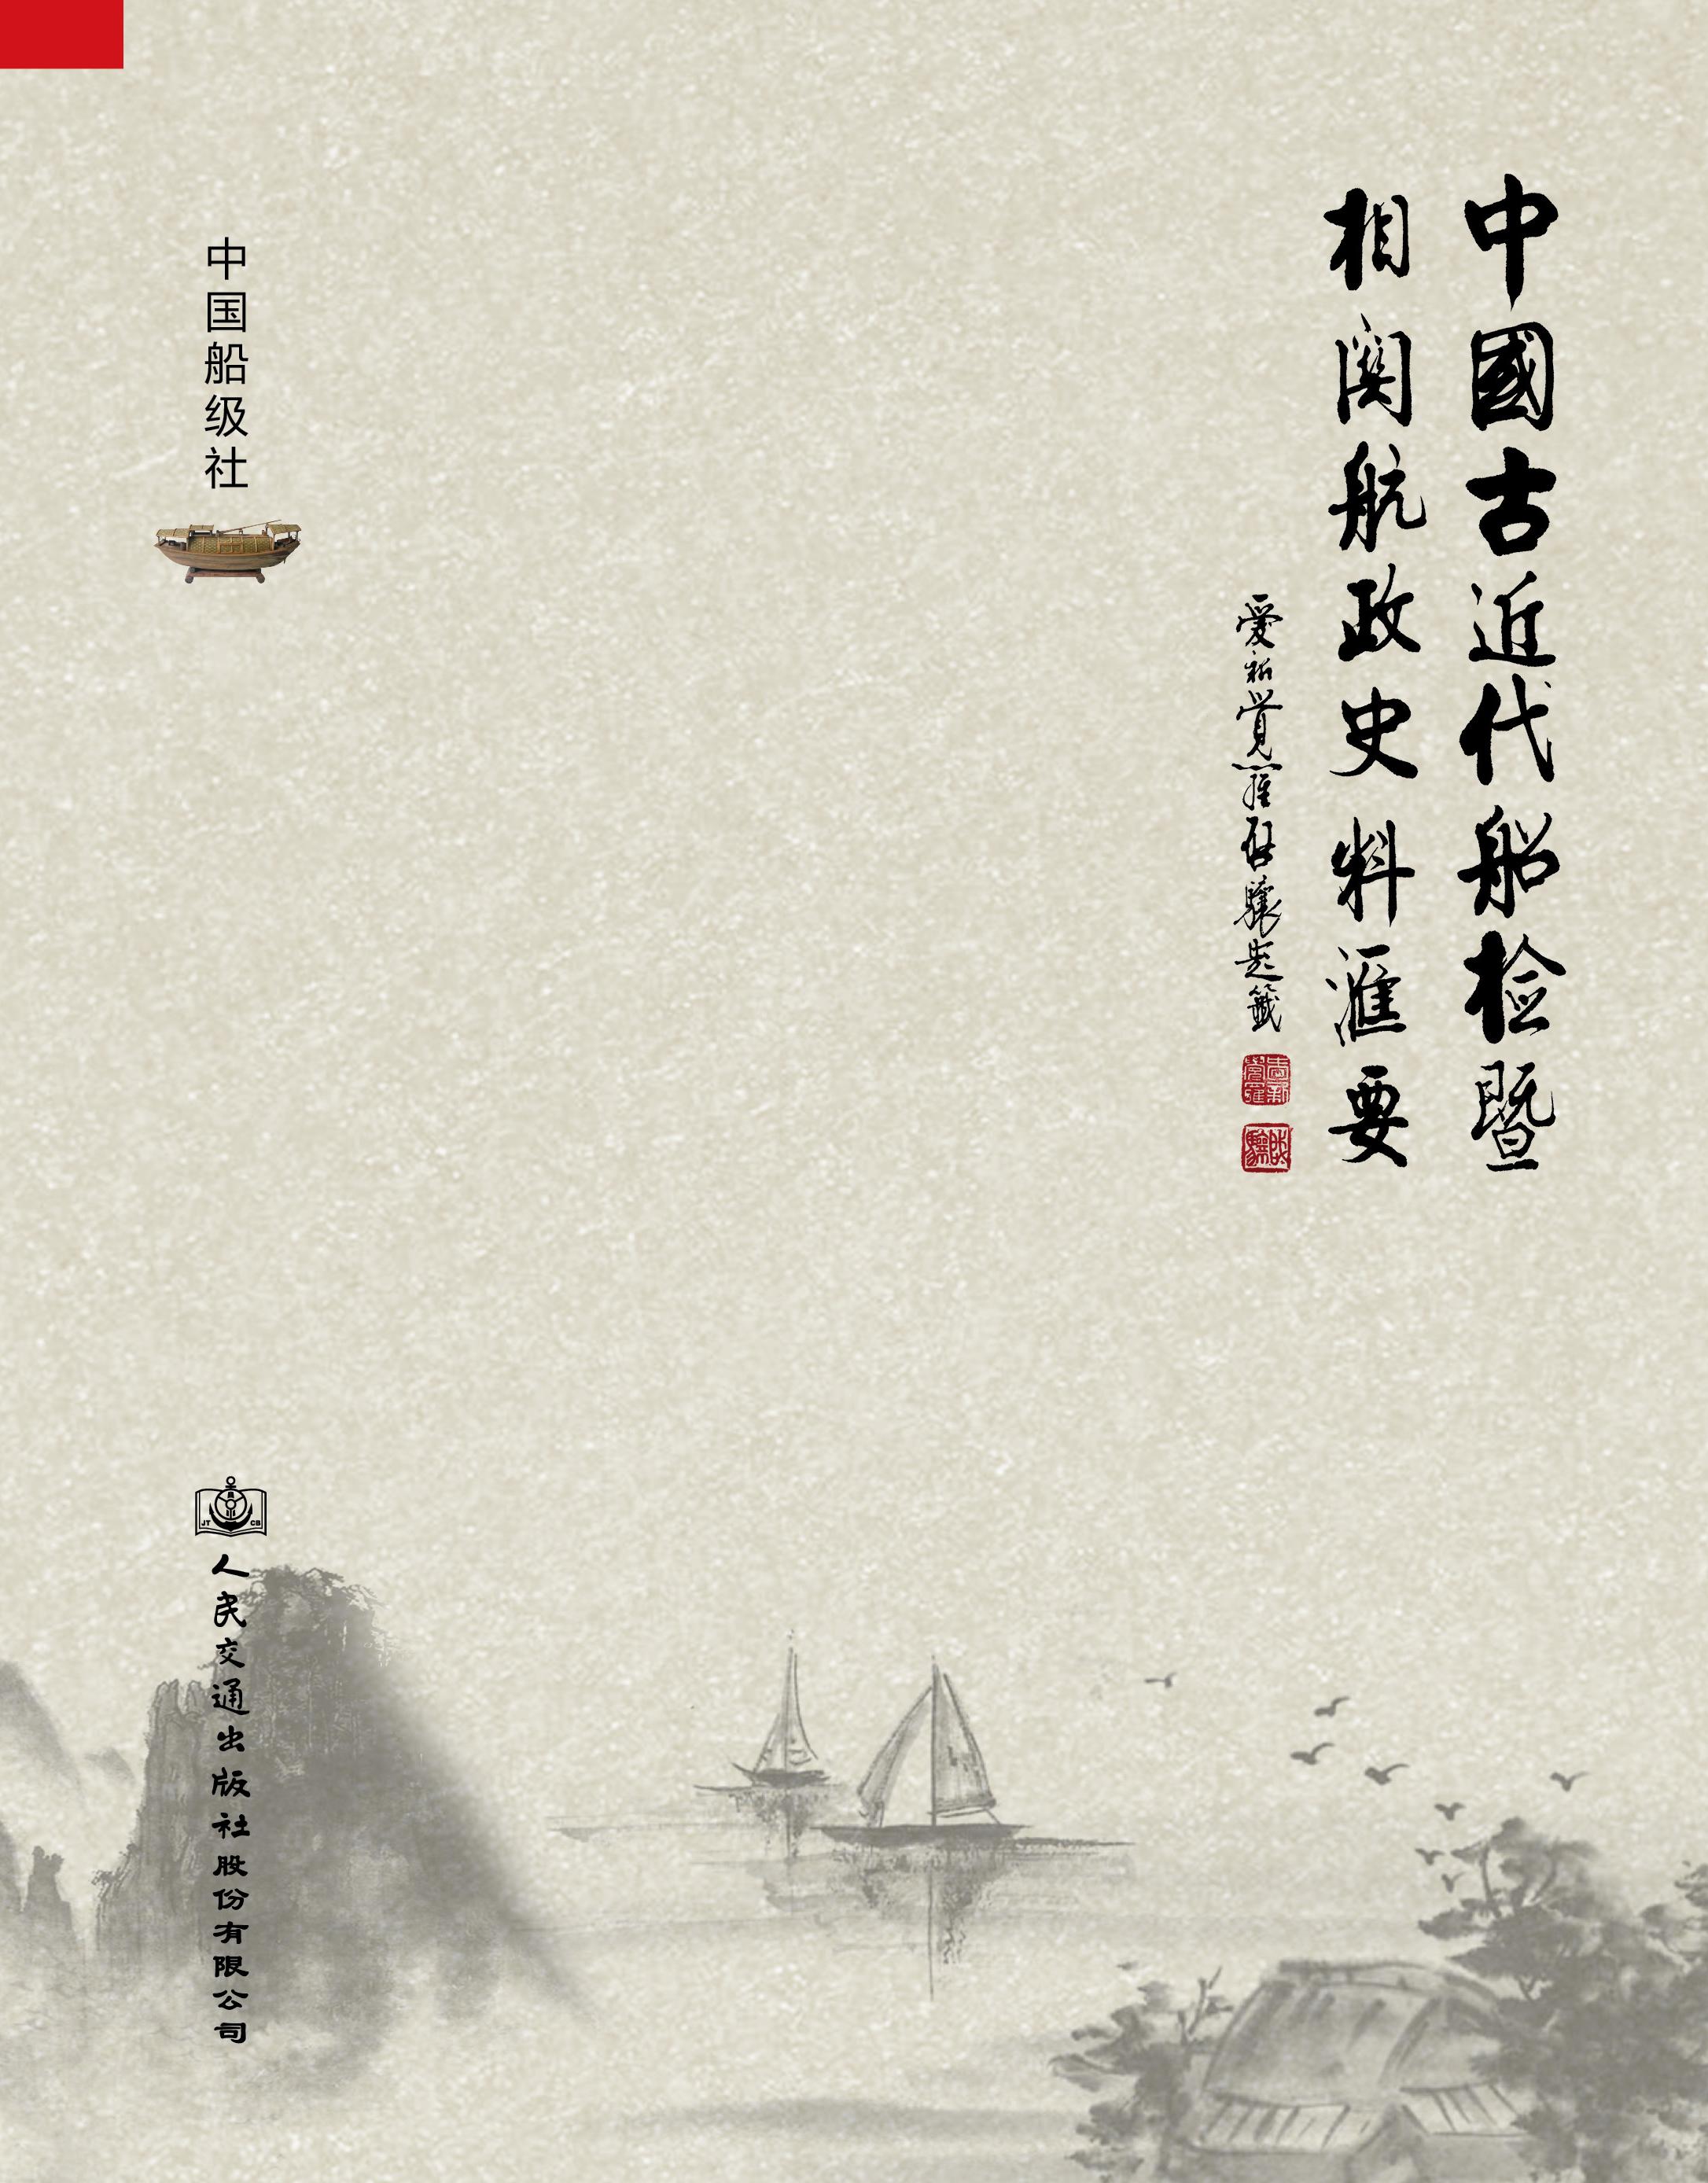 中国古近代船检暨相关航政史料汇要